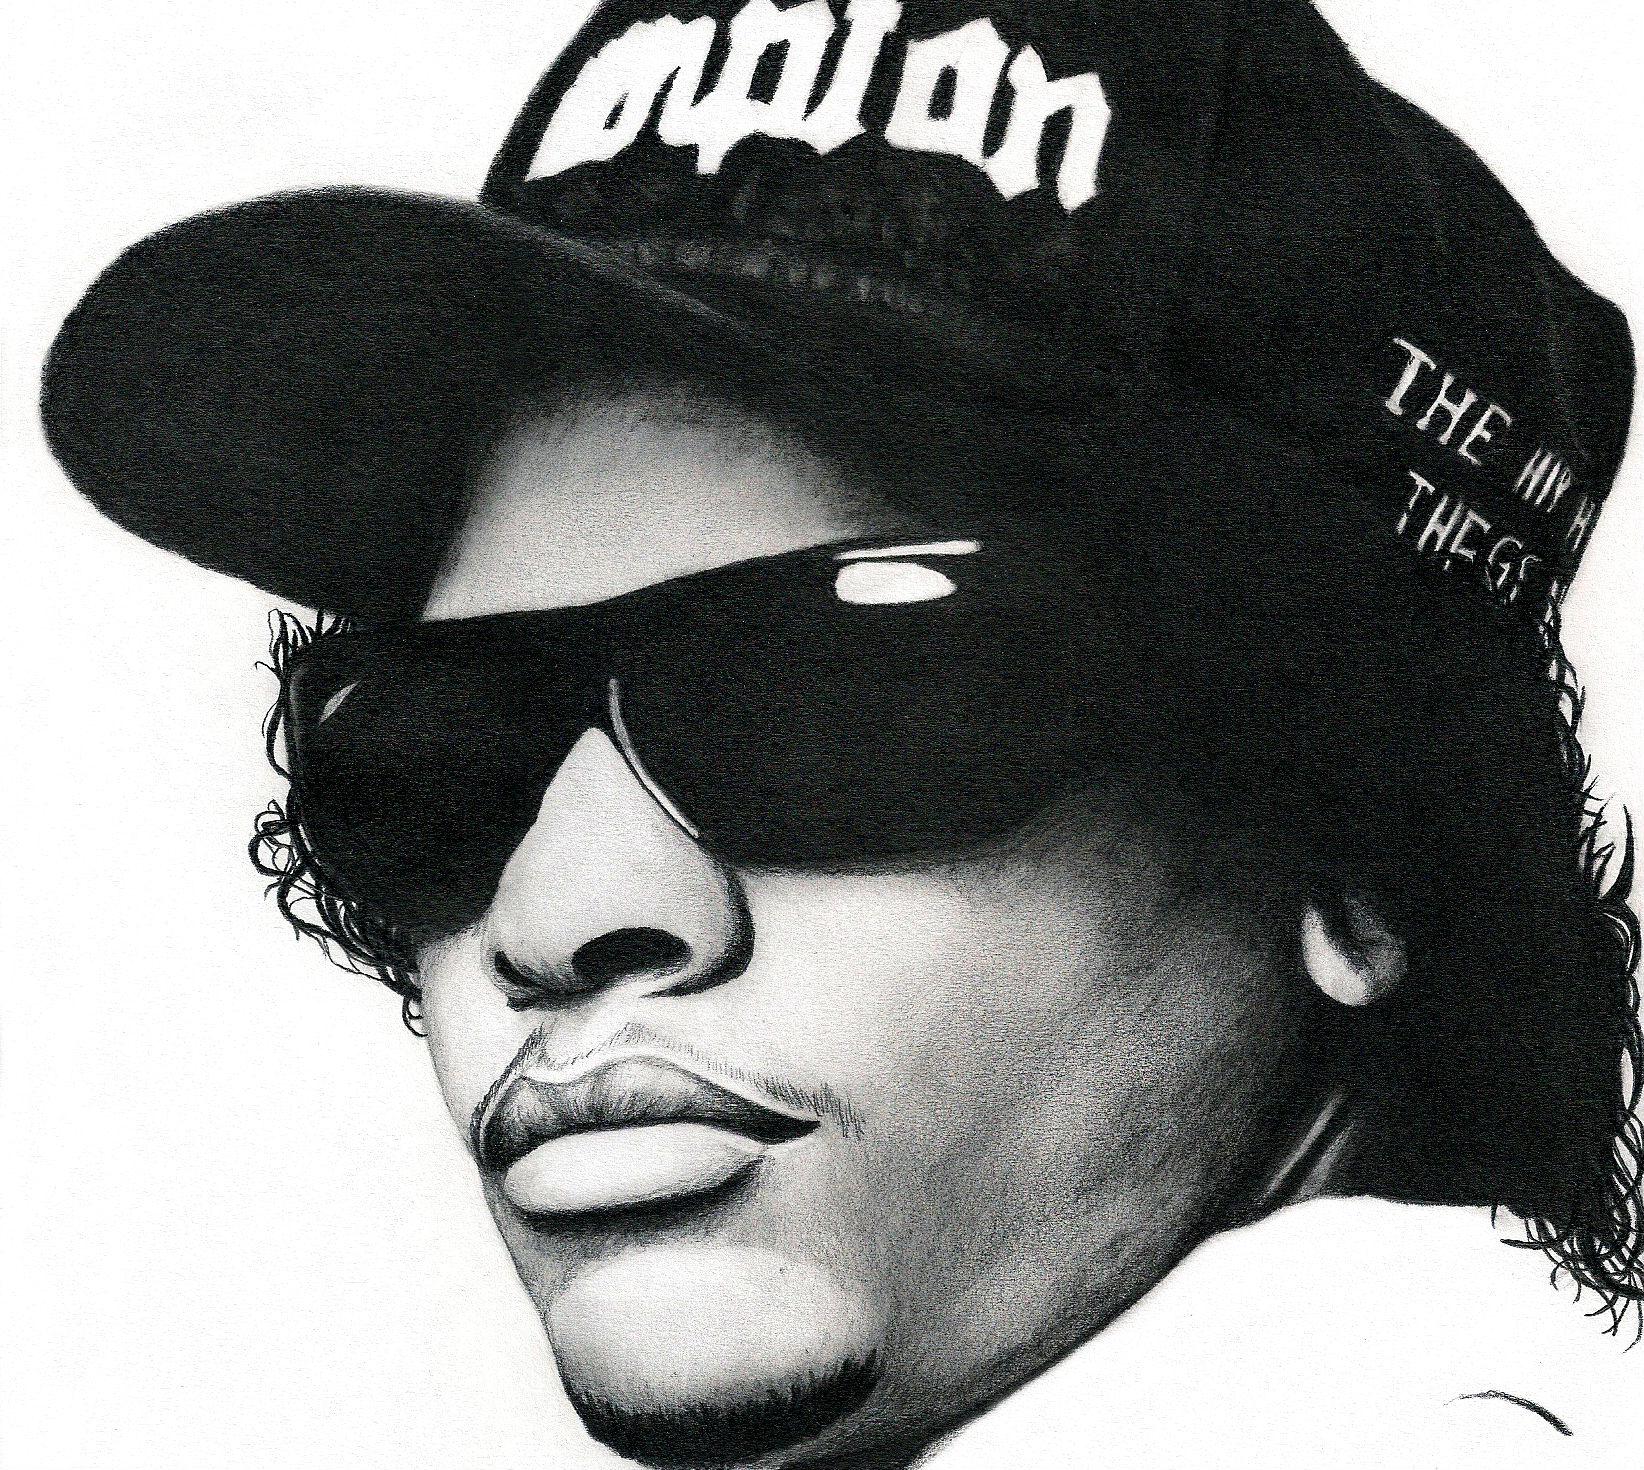 Eazy E nwa gangsta rapper rap hip hop eazy e sa wallpaper background 1644x1470